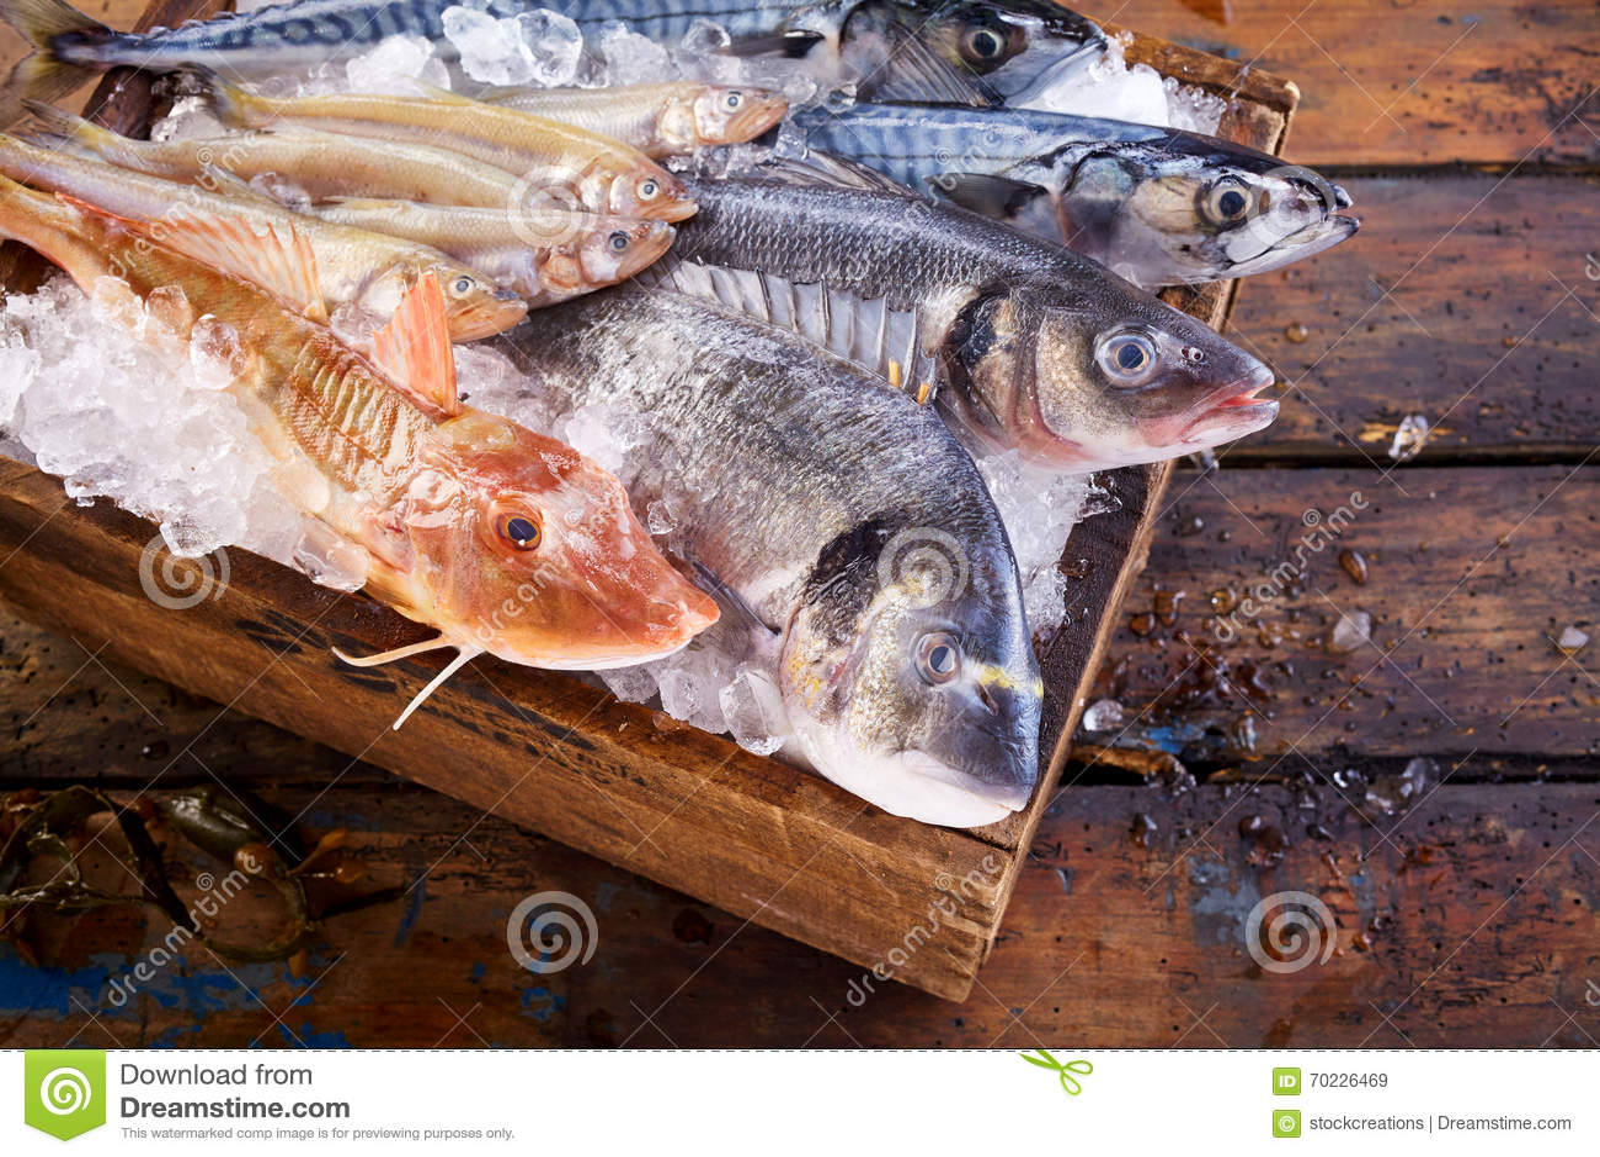 Variedad de peces marinos frescos comestibles en el hielo for Variedad de peces